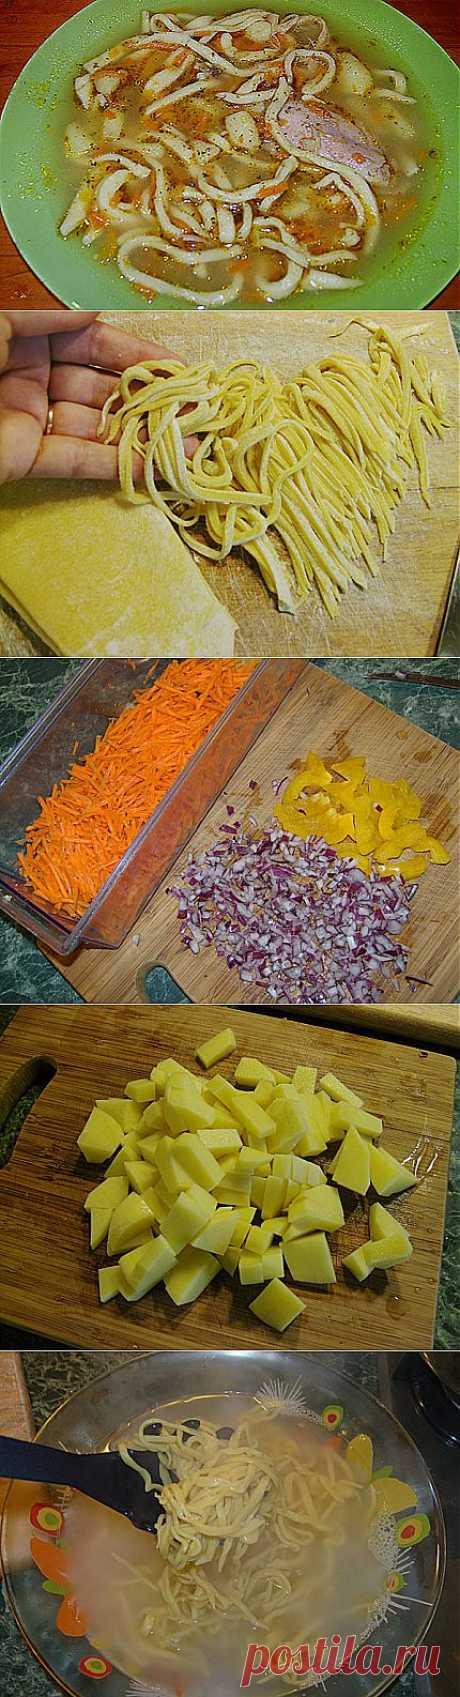 Домашняя лапша рецепт. Вкусная и полезная лапша по-домашнему — простой рецепт